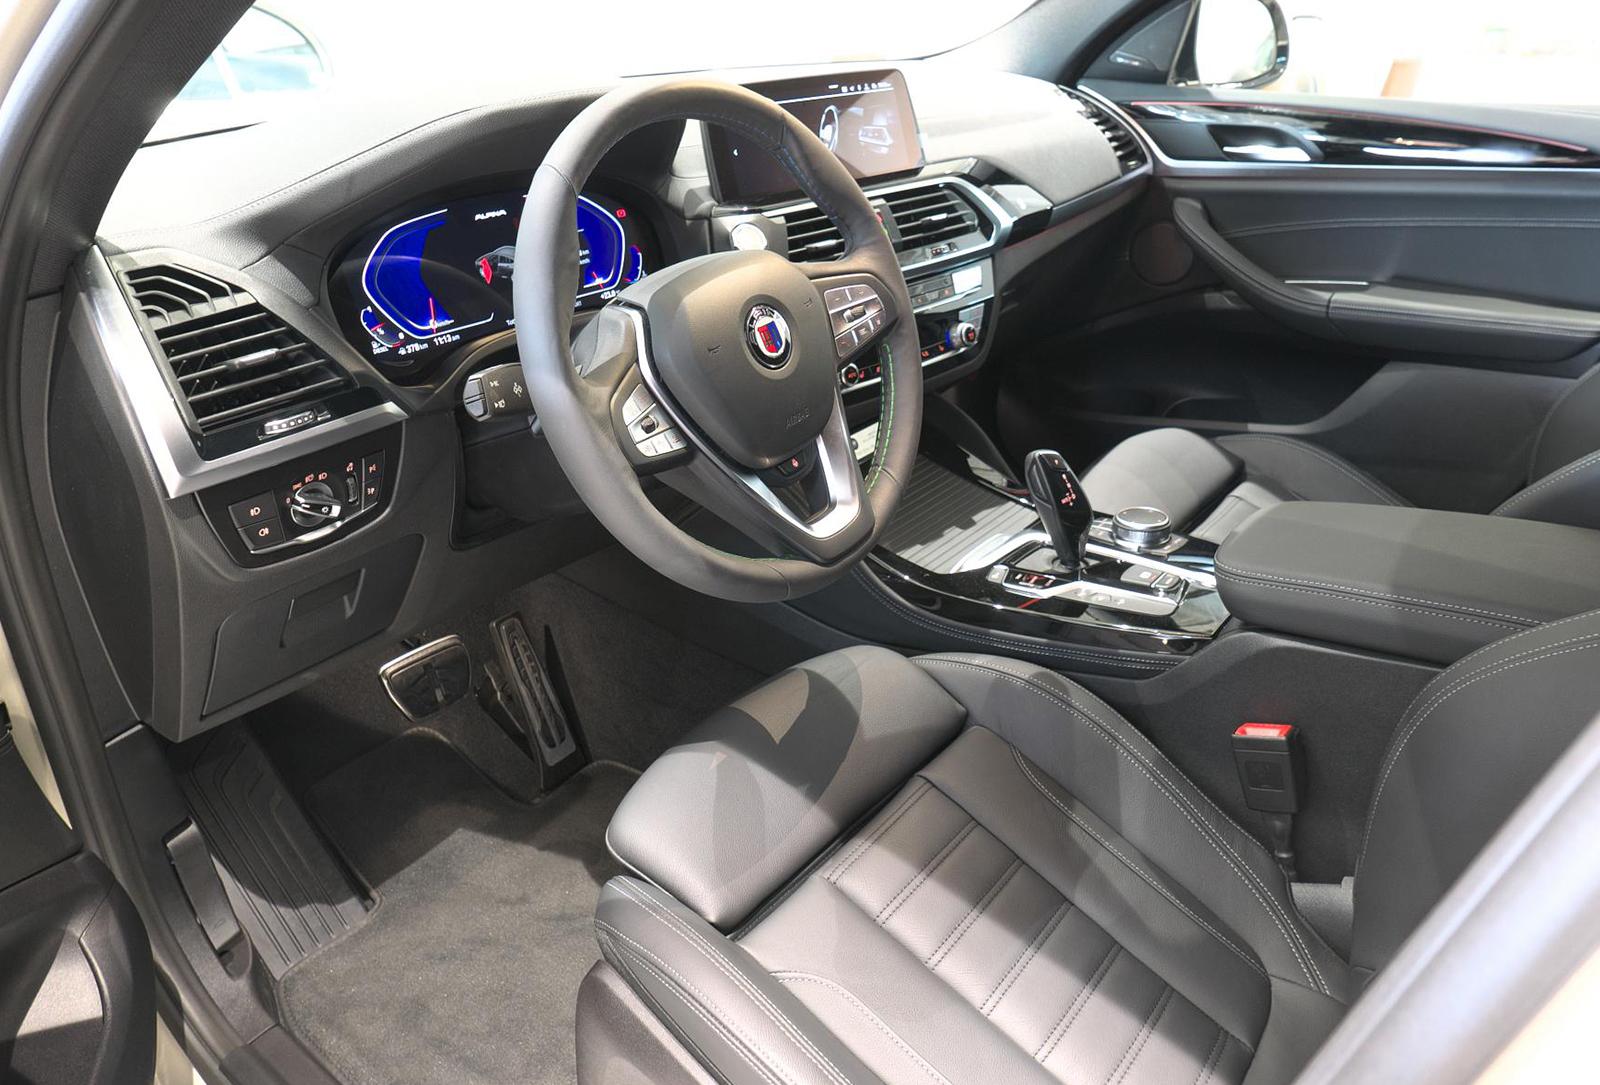 BMW アルピナ XD4 Allrad 運転席